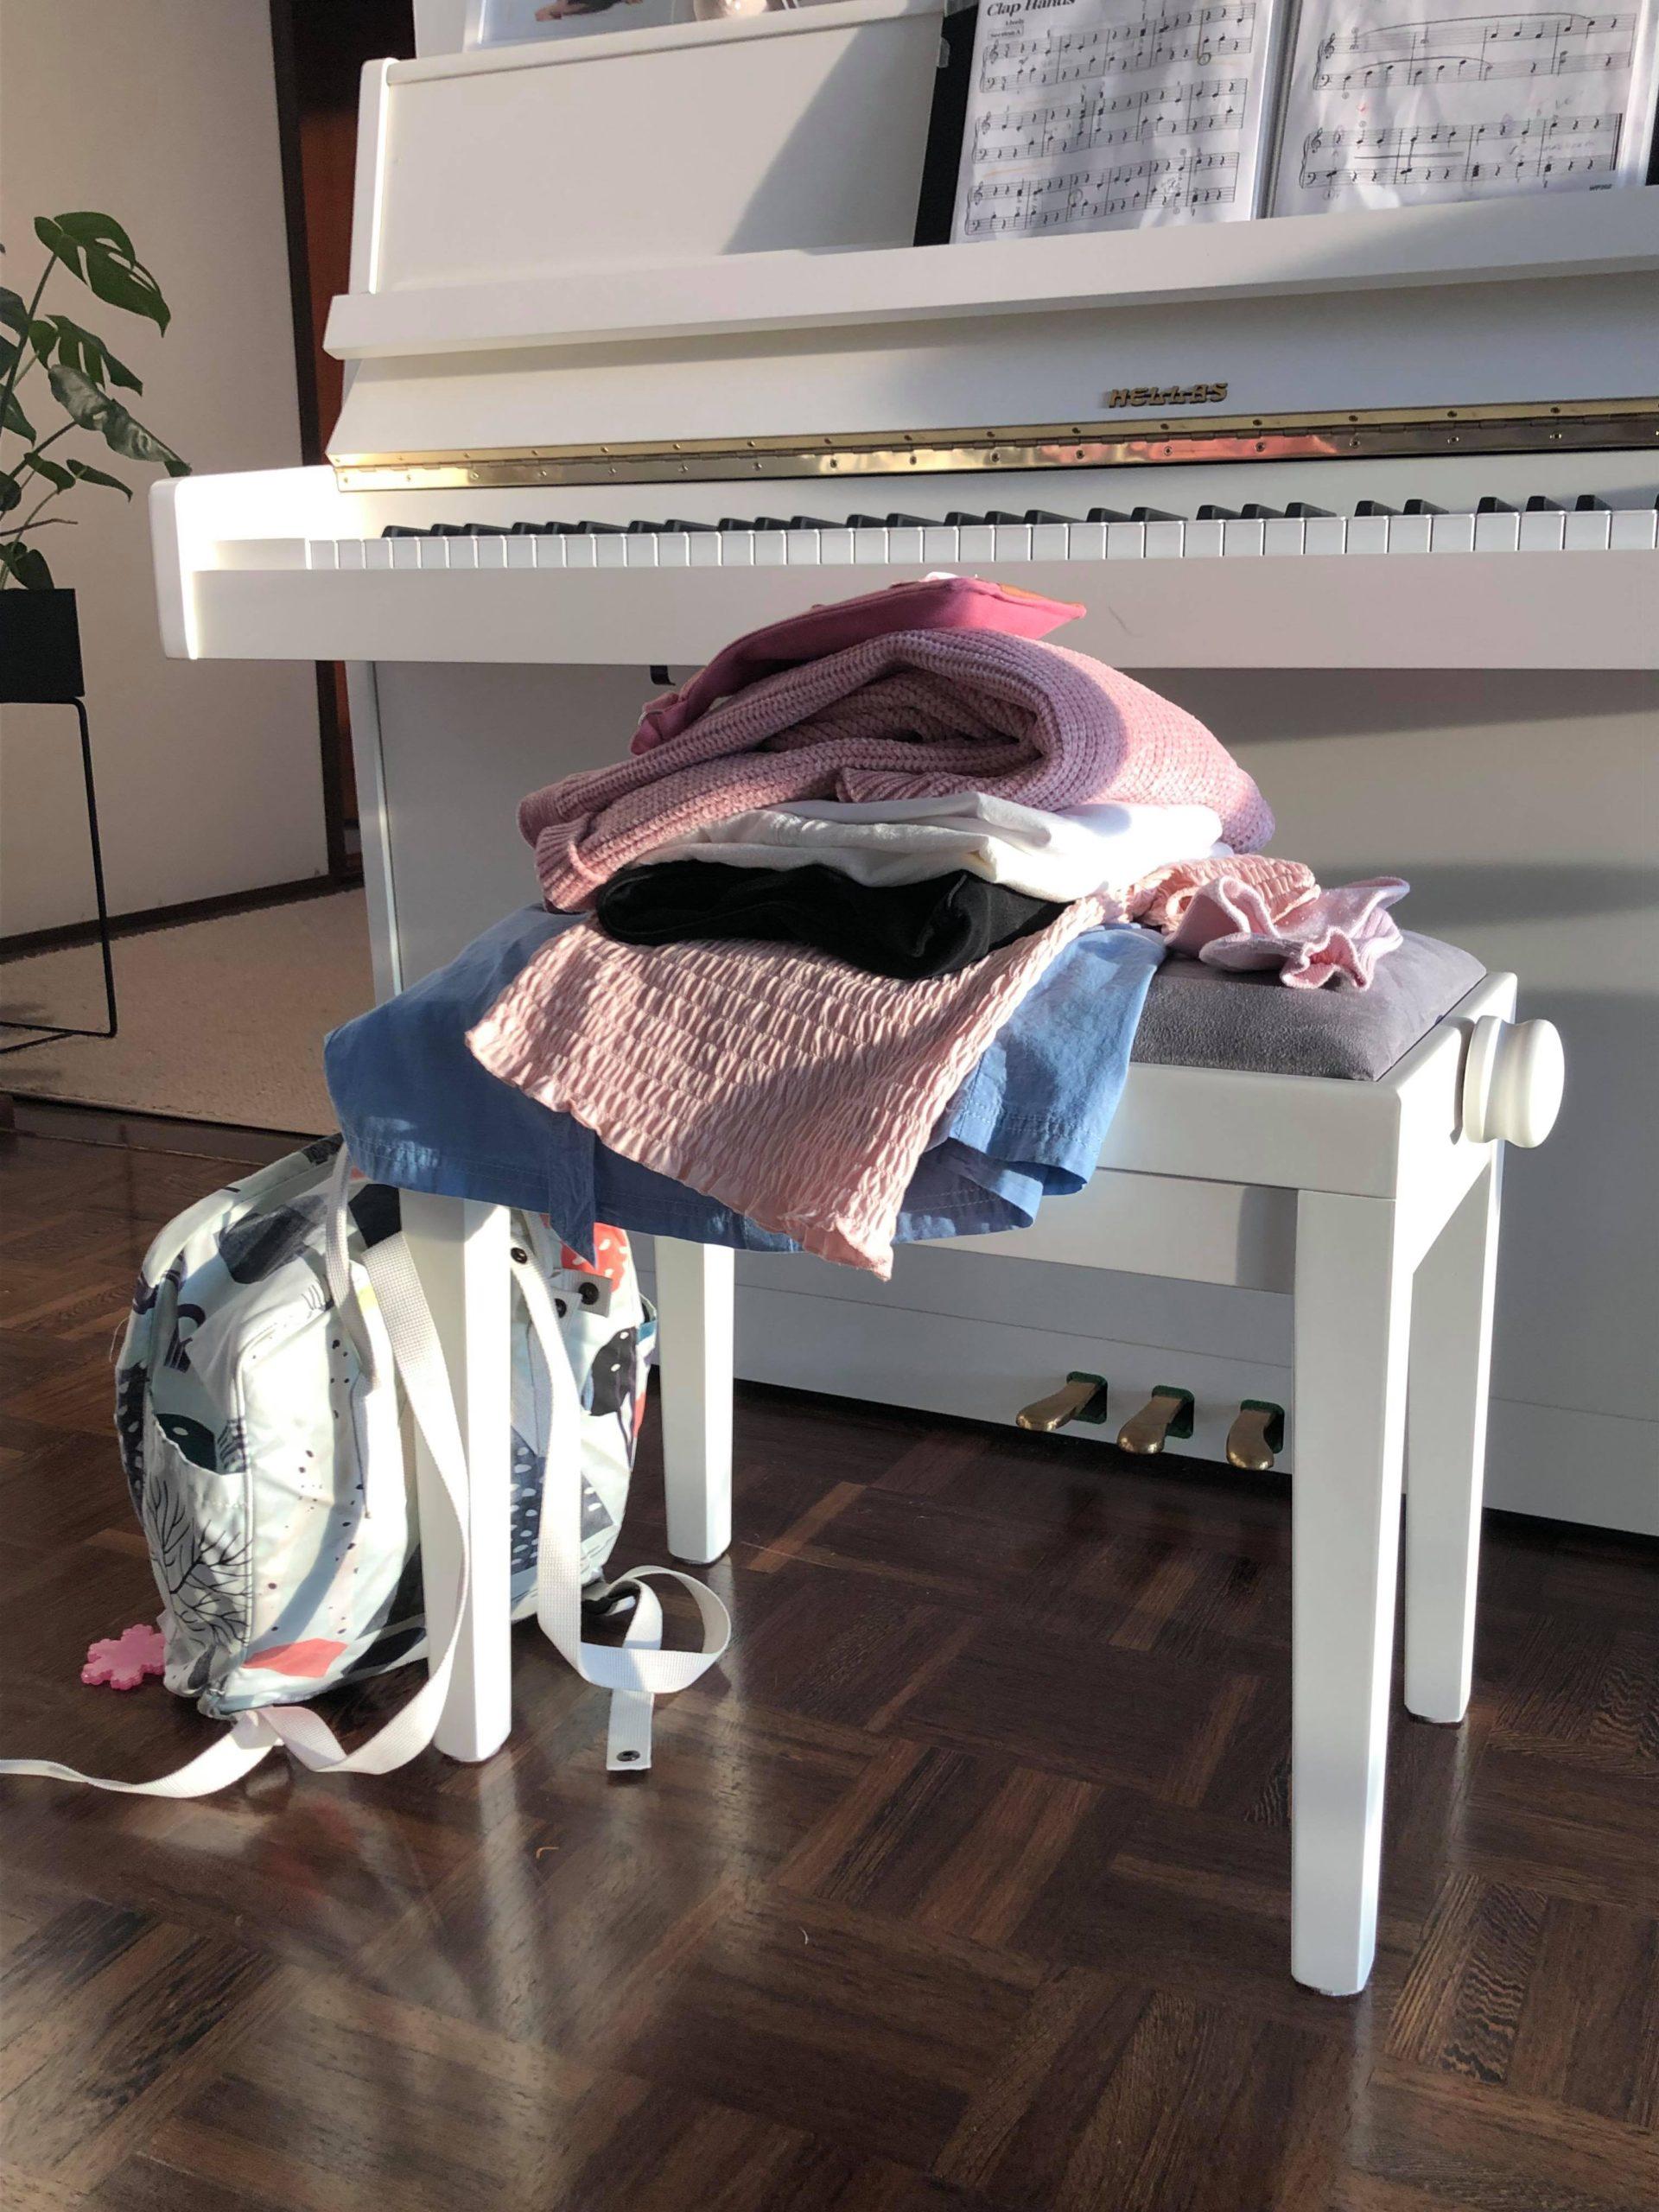 vaatepino pianon tuolilla